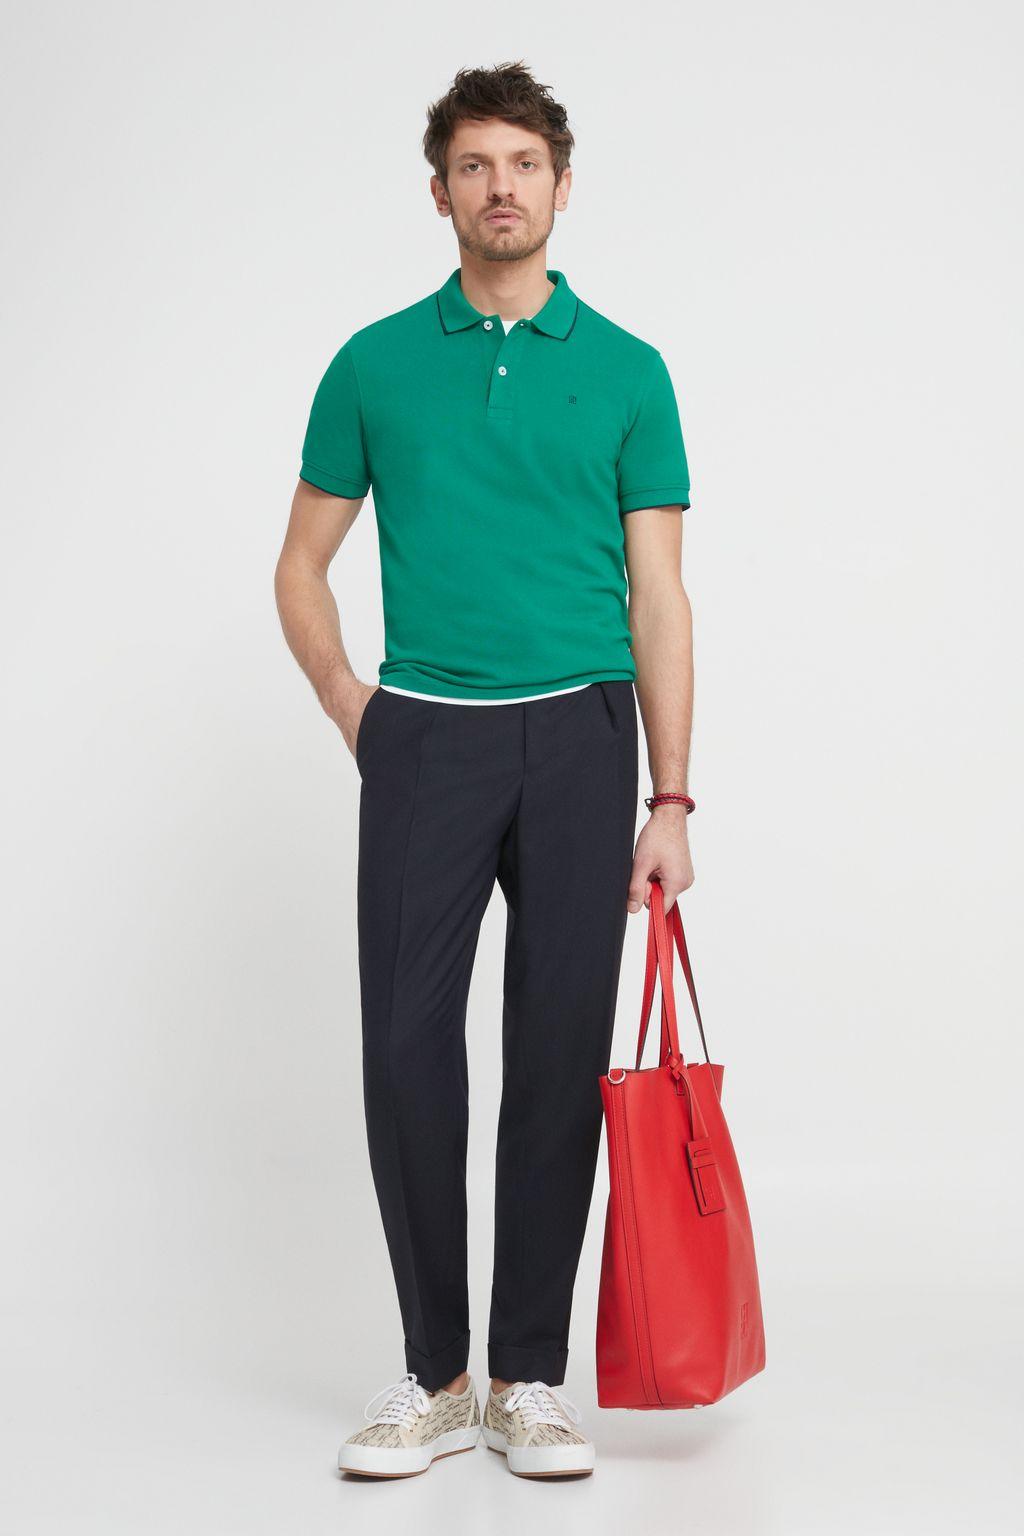 Piqué polo shirt with trims